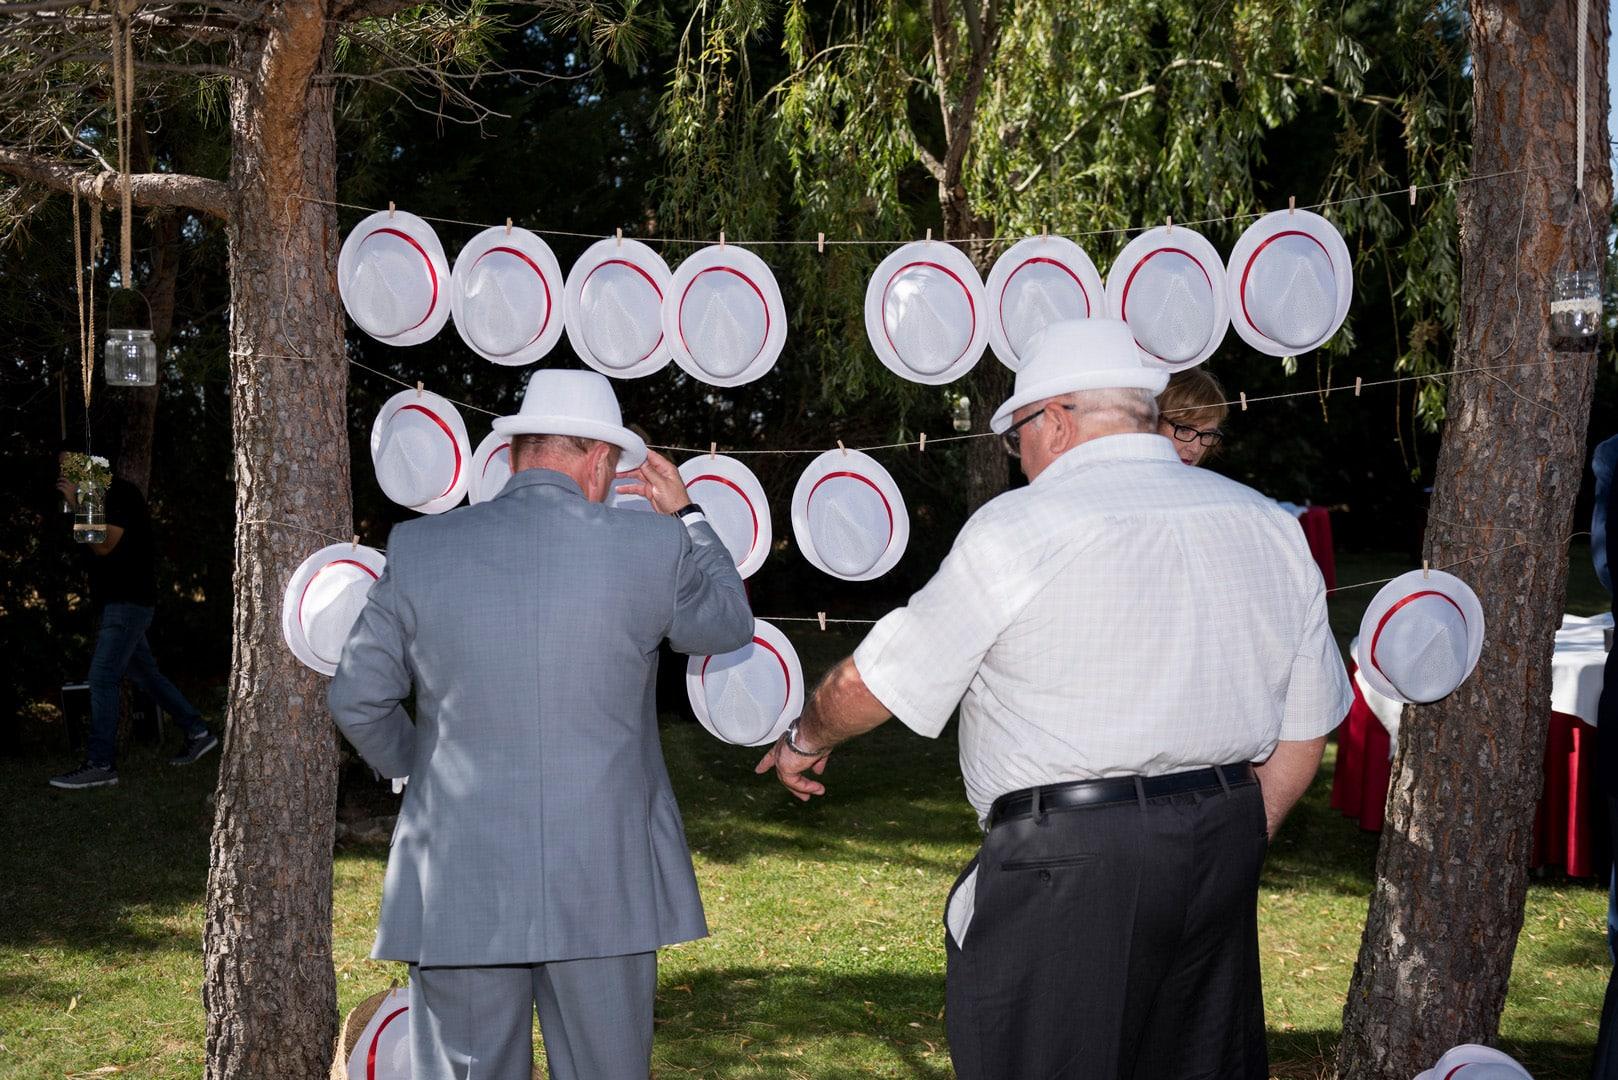 puesto gorros boda ZAZU-boda-divertida-en-rojo-Segovia